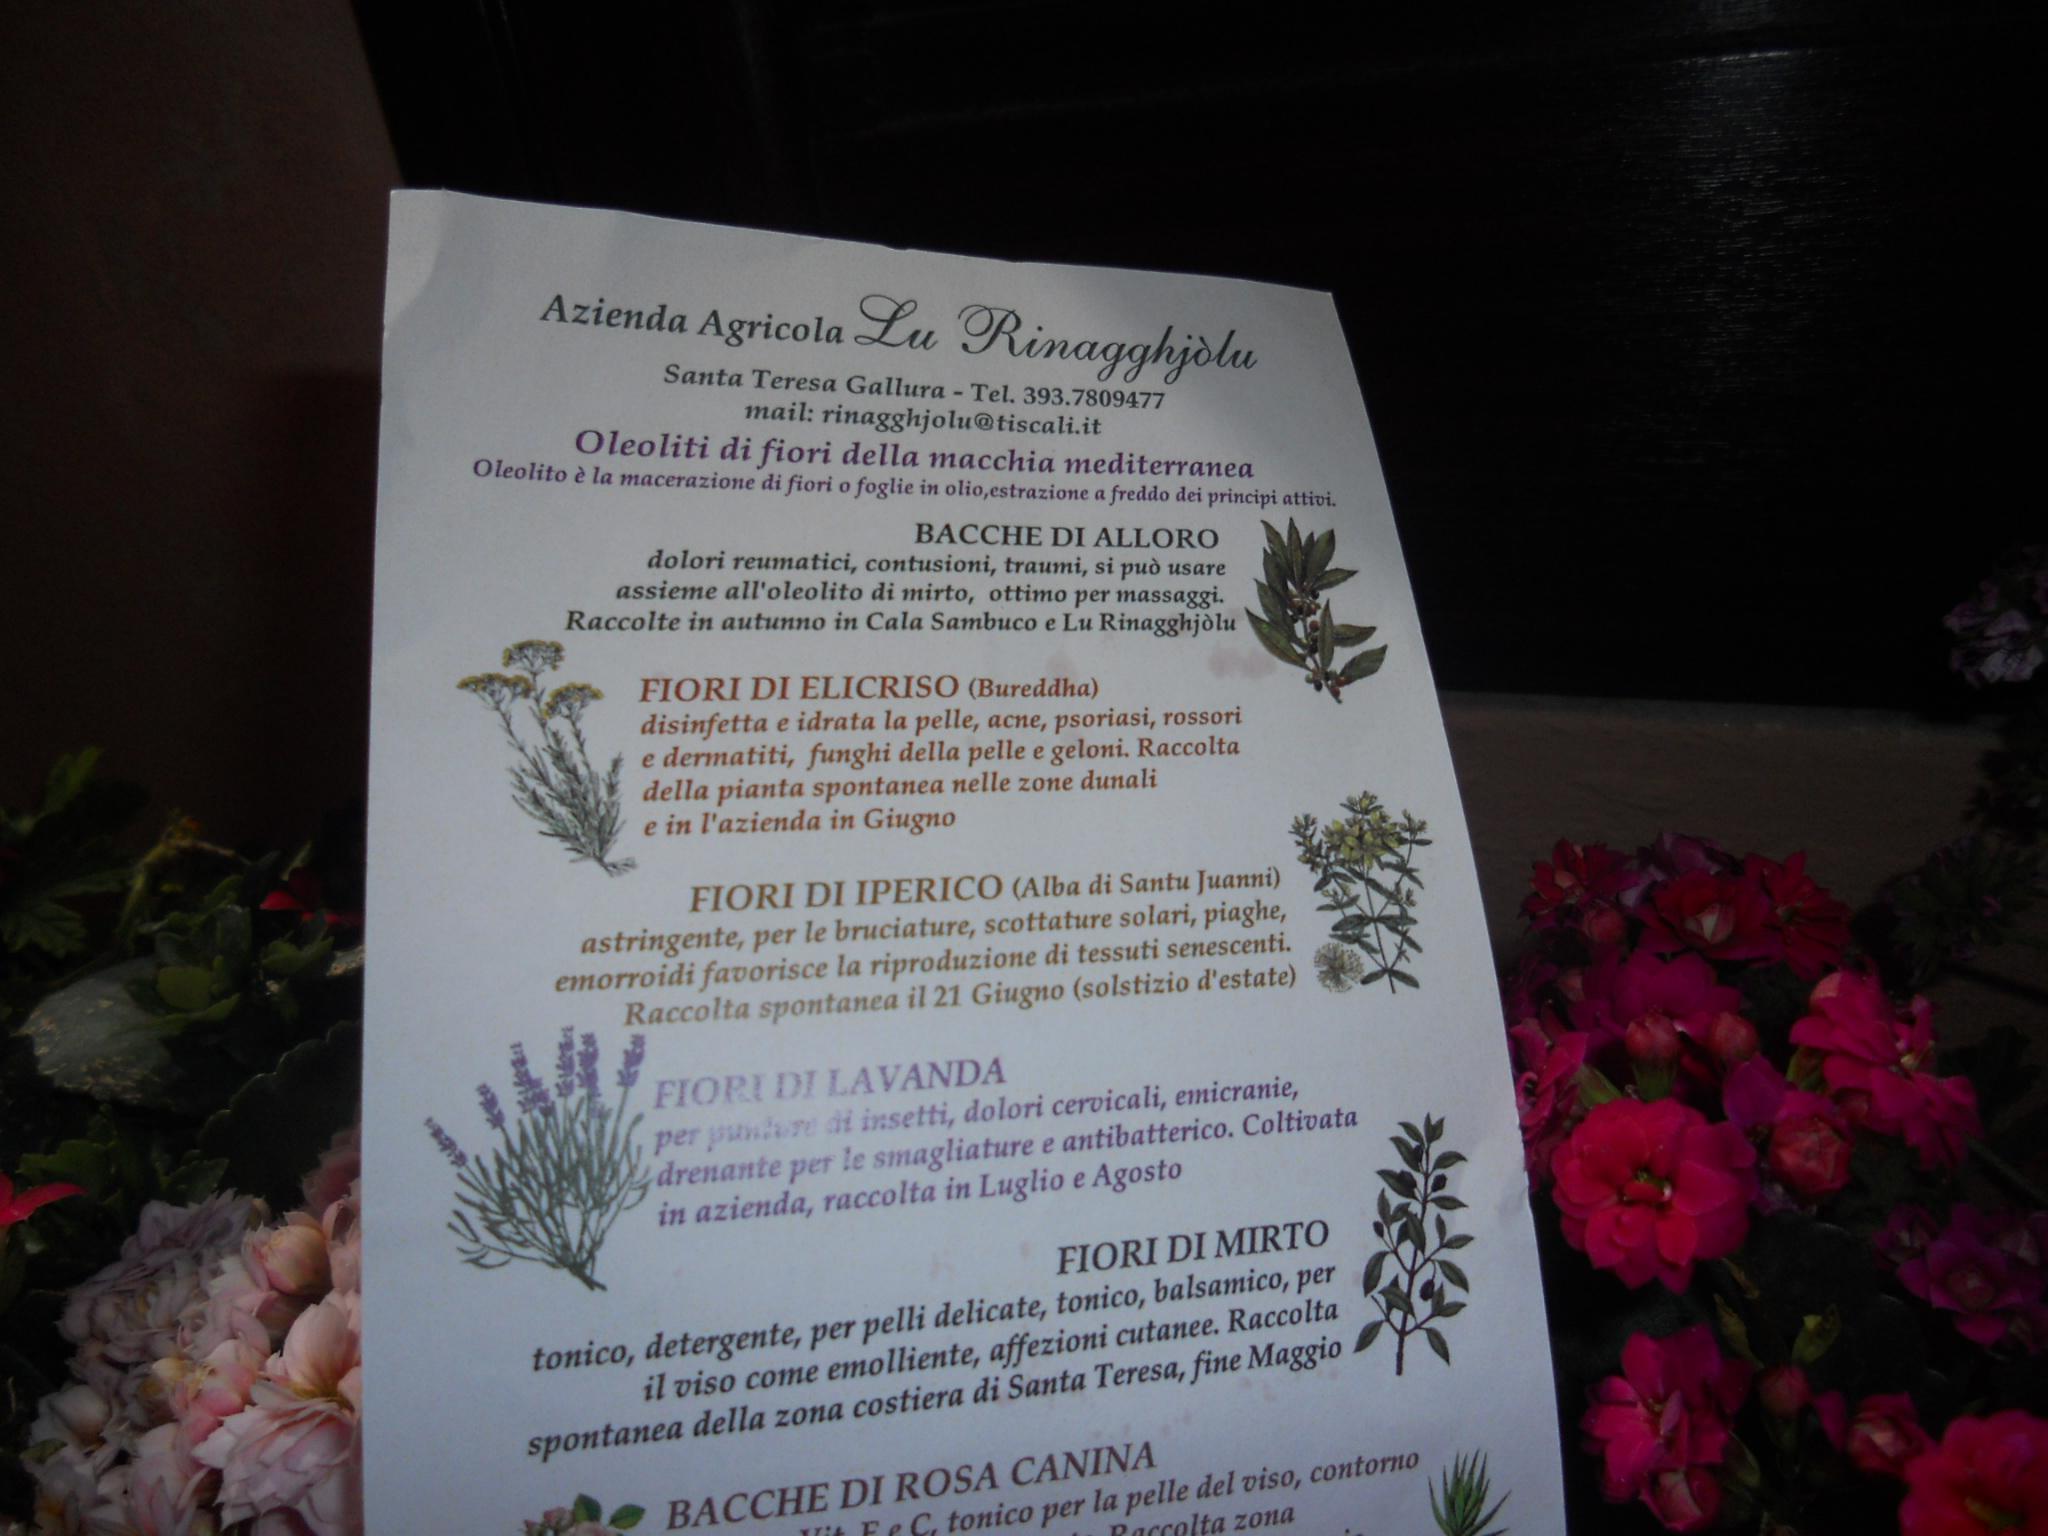 Oleoliti di fiori della macchia mediterranea e di antichi selvatici orti teresini.